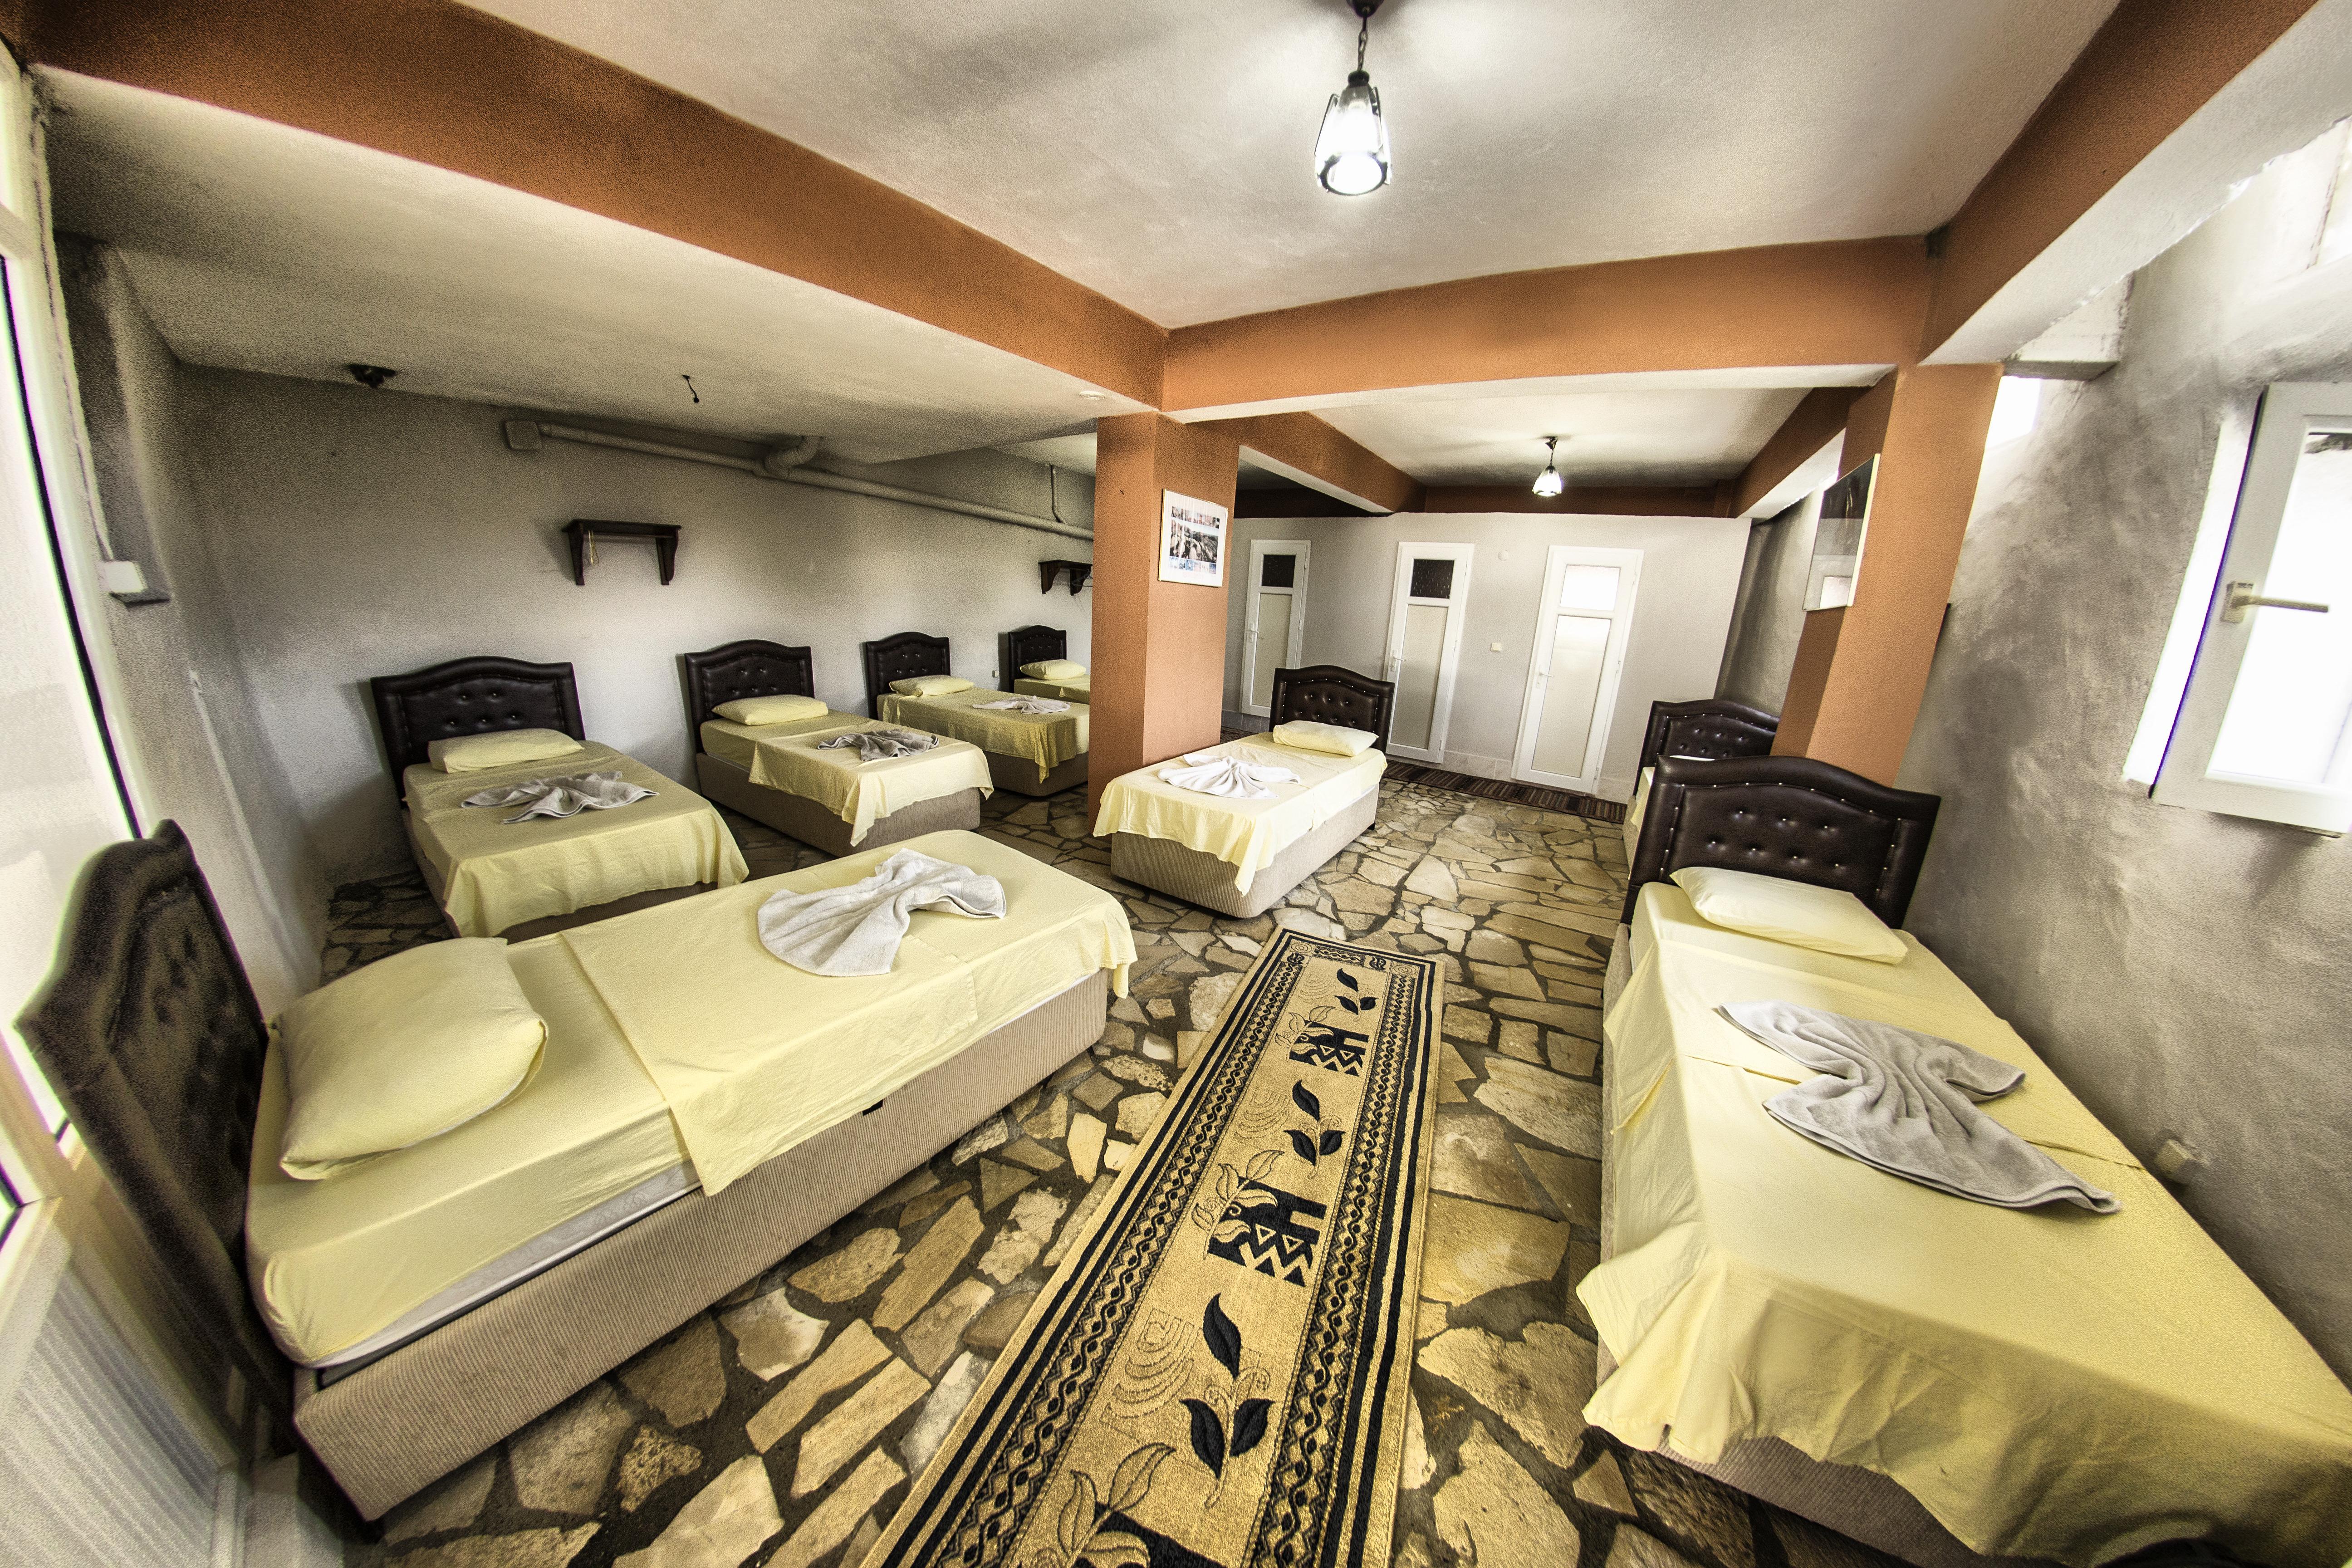 Yurtlar - Selcuk Hotel Atillas Getaway Resort